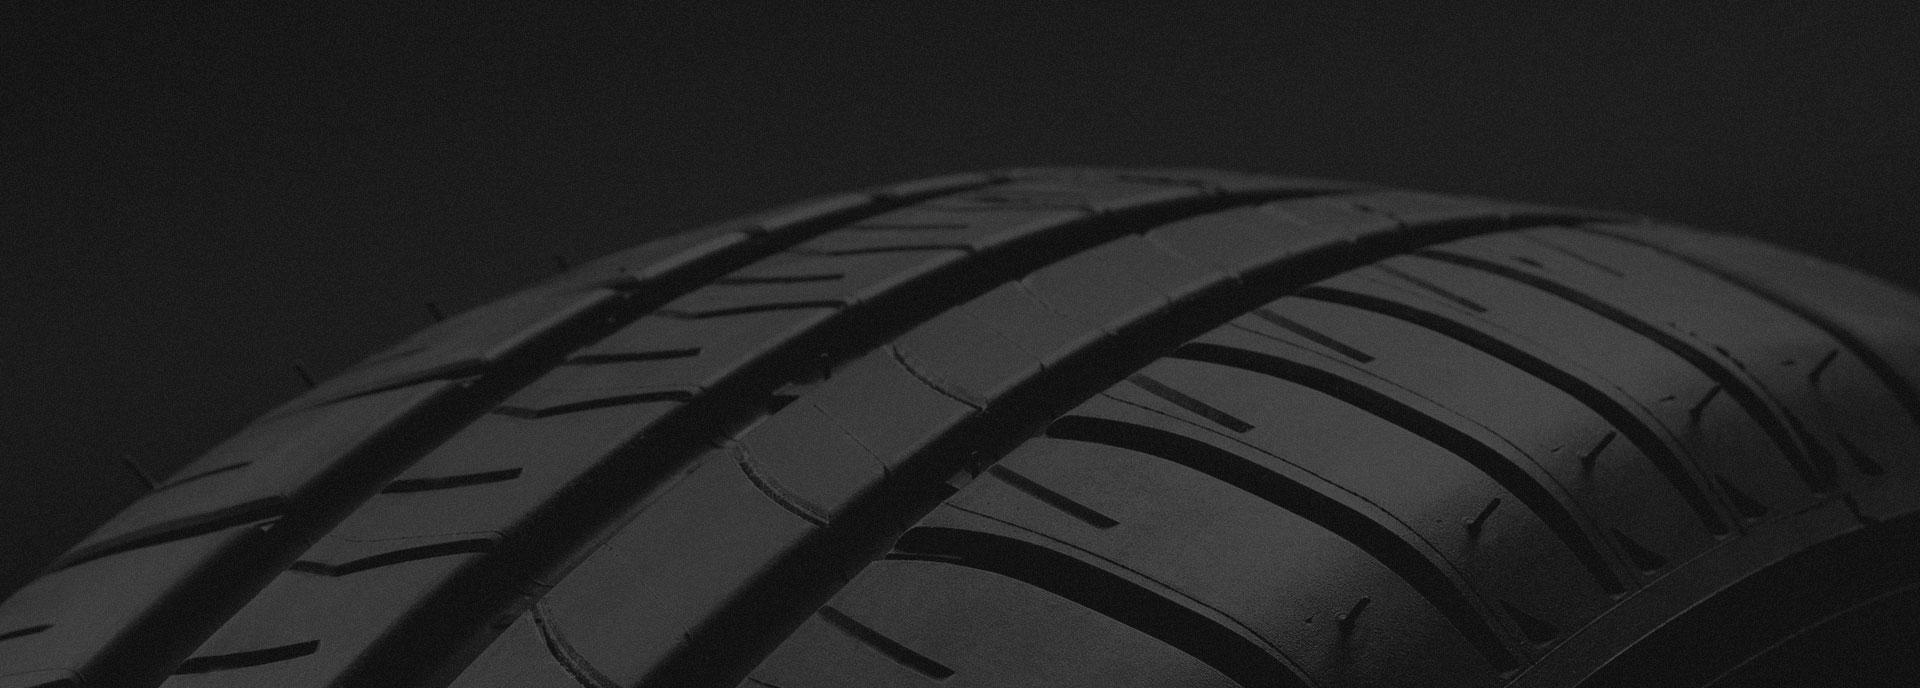 Tire Reinforcement